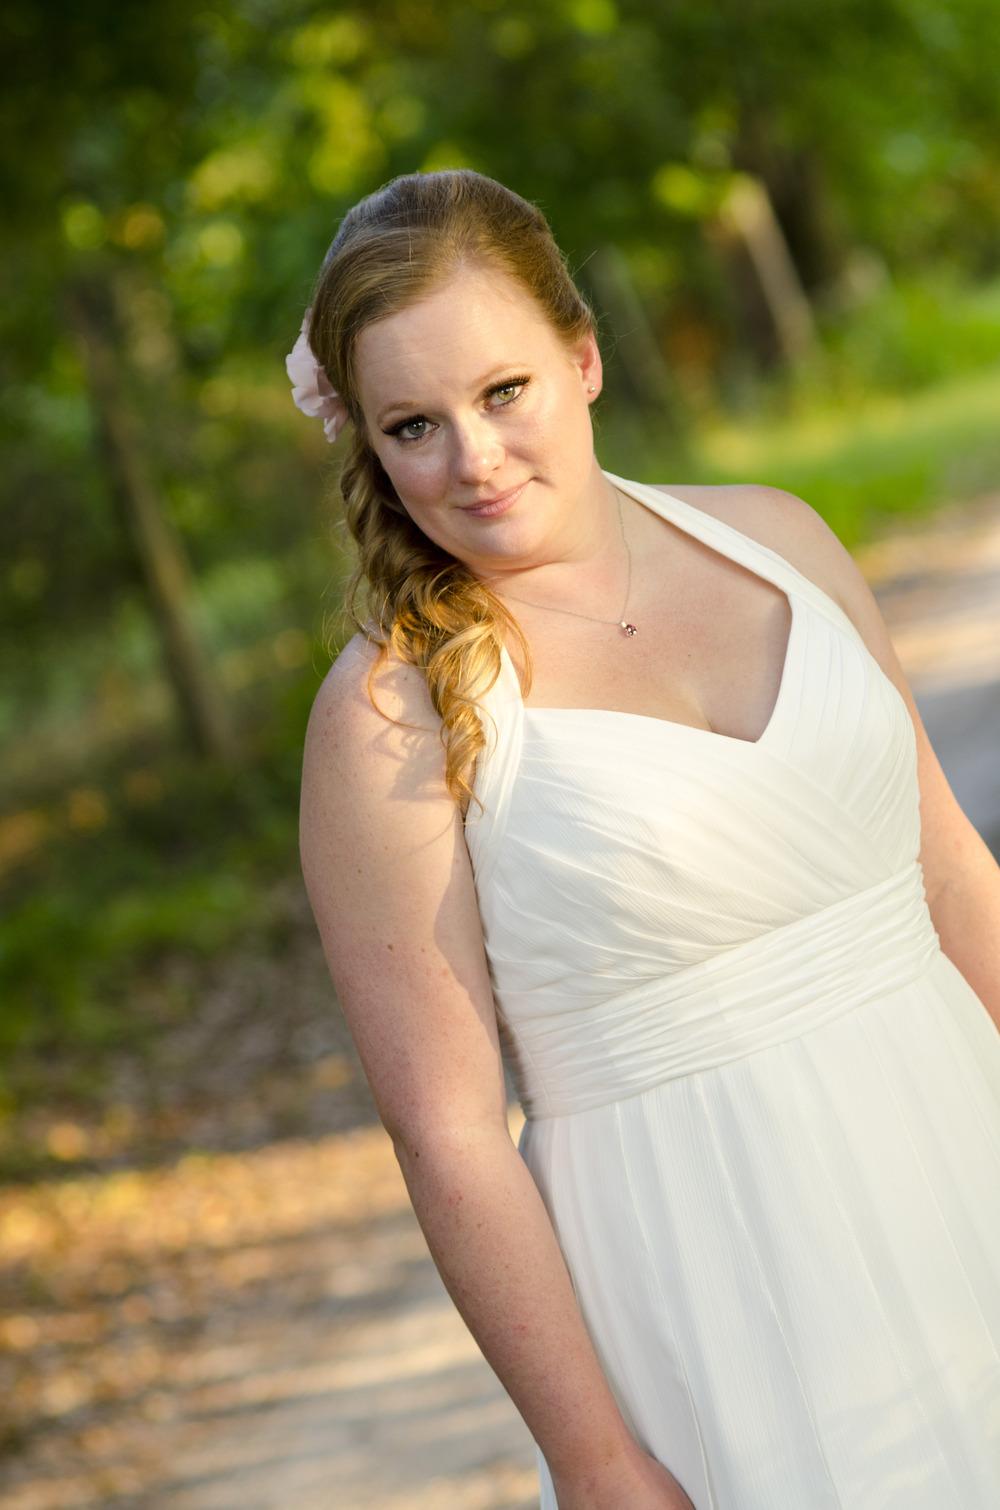 bridal portrait photography - alaska wedding photos